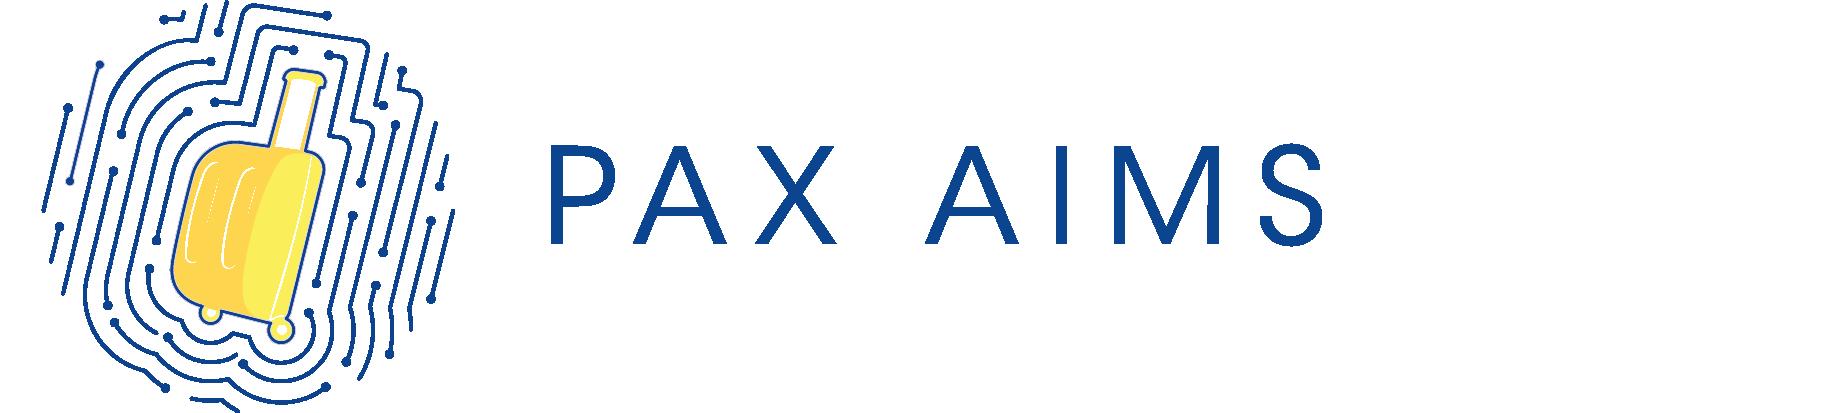 PAX AIMS